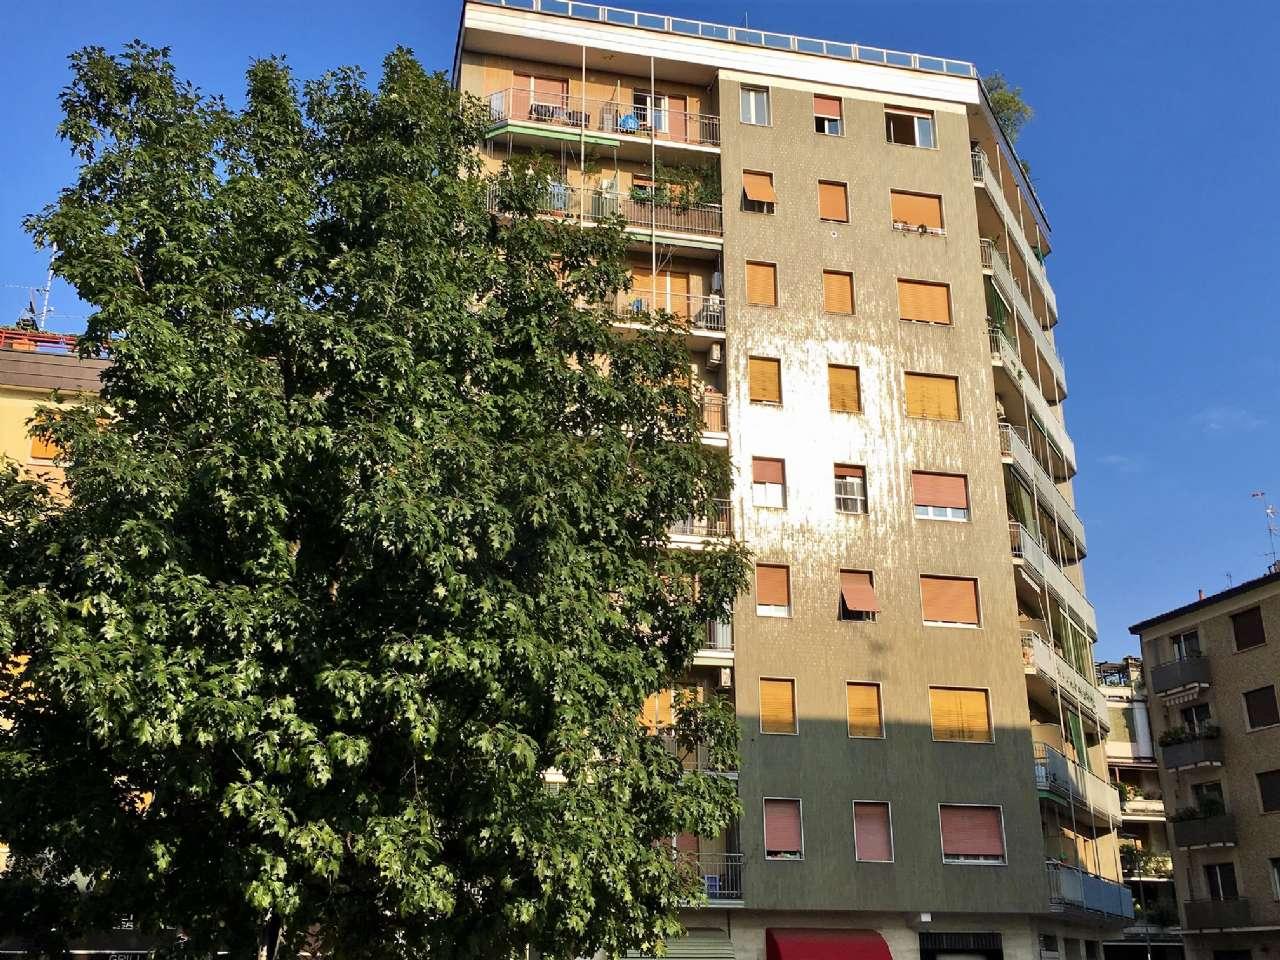 Appartamento in vendita a Bresso, 3 locali, prezzo € 210.000   PortaleAgenzieImmobiliari.it